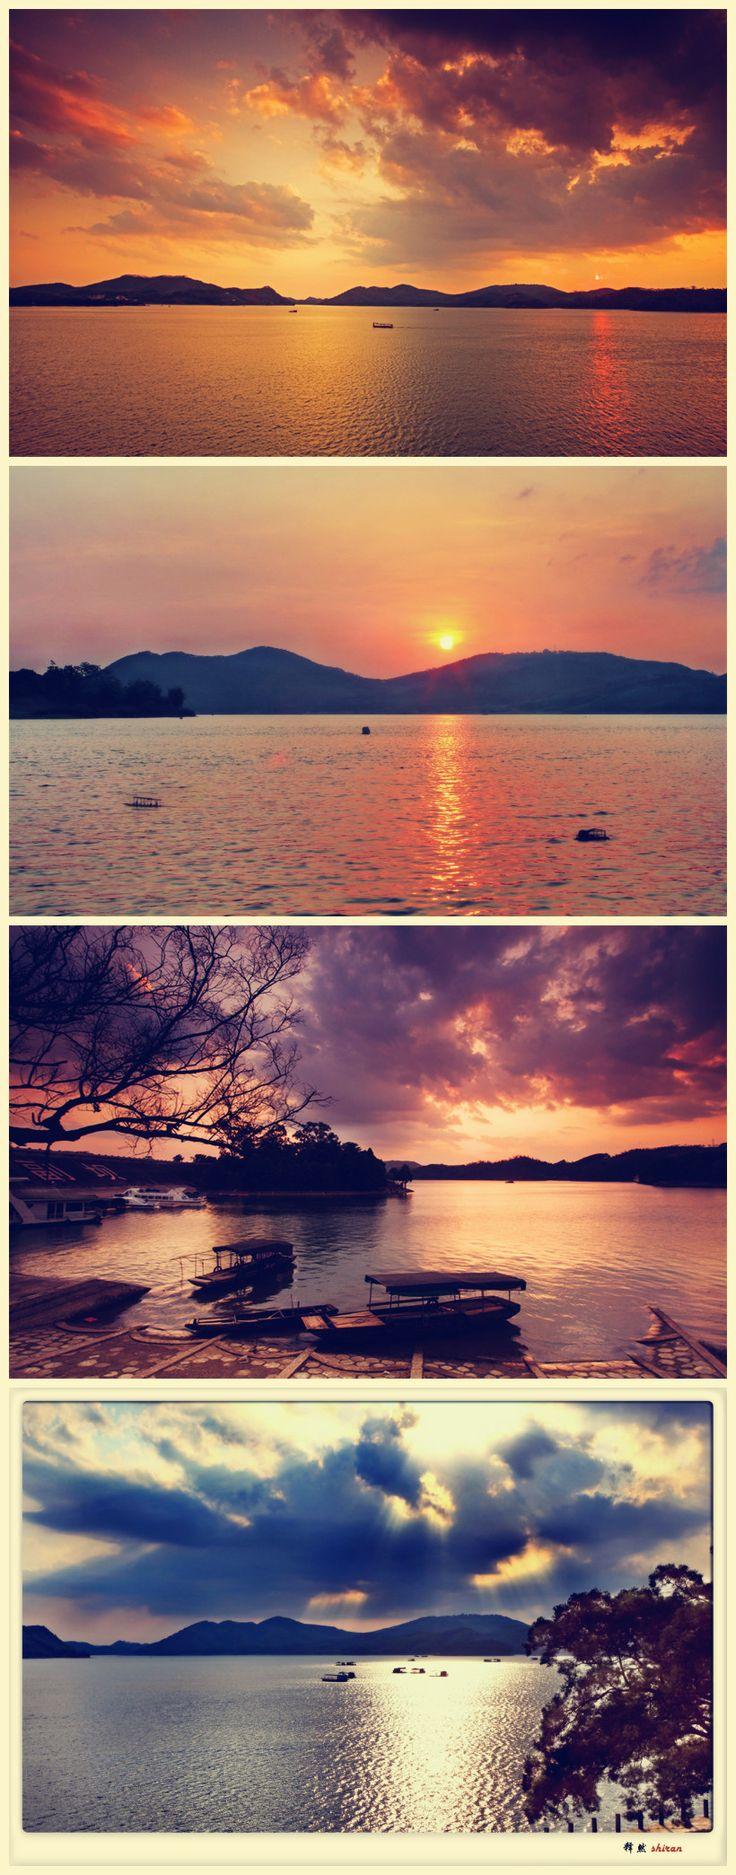 Peaceful scenery in Nanning Fenghuang Lake, Guangxi, China